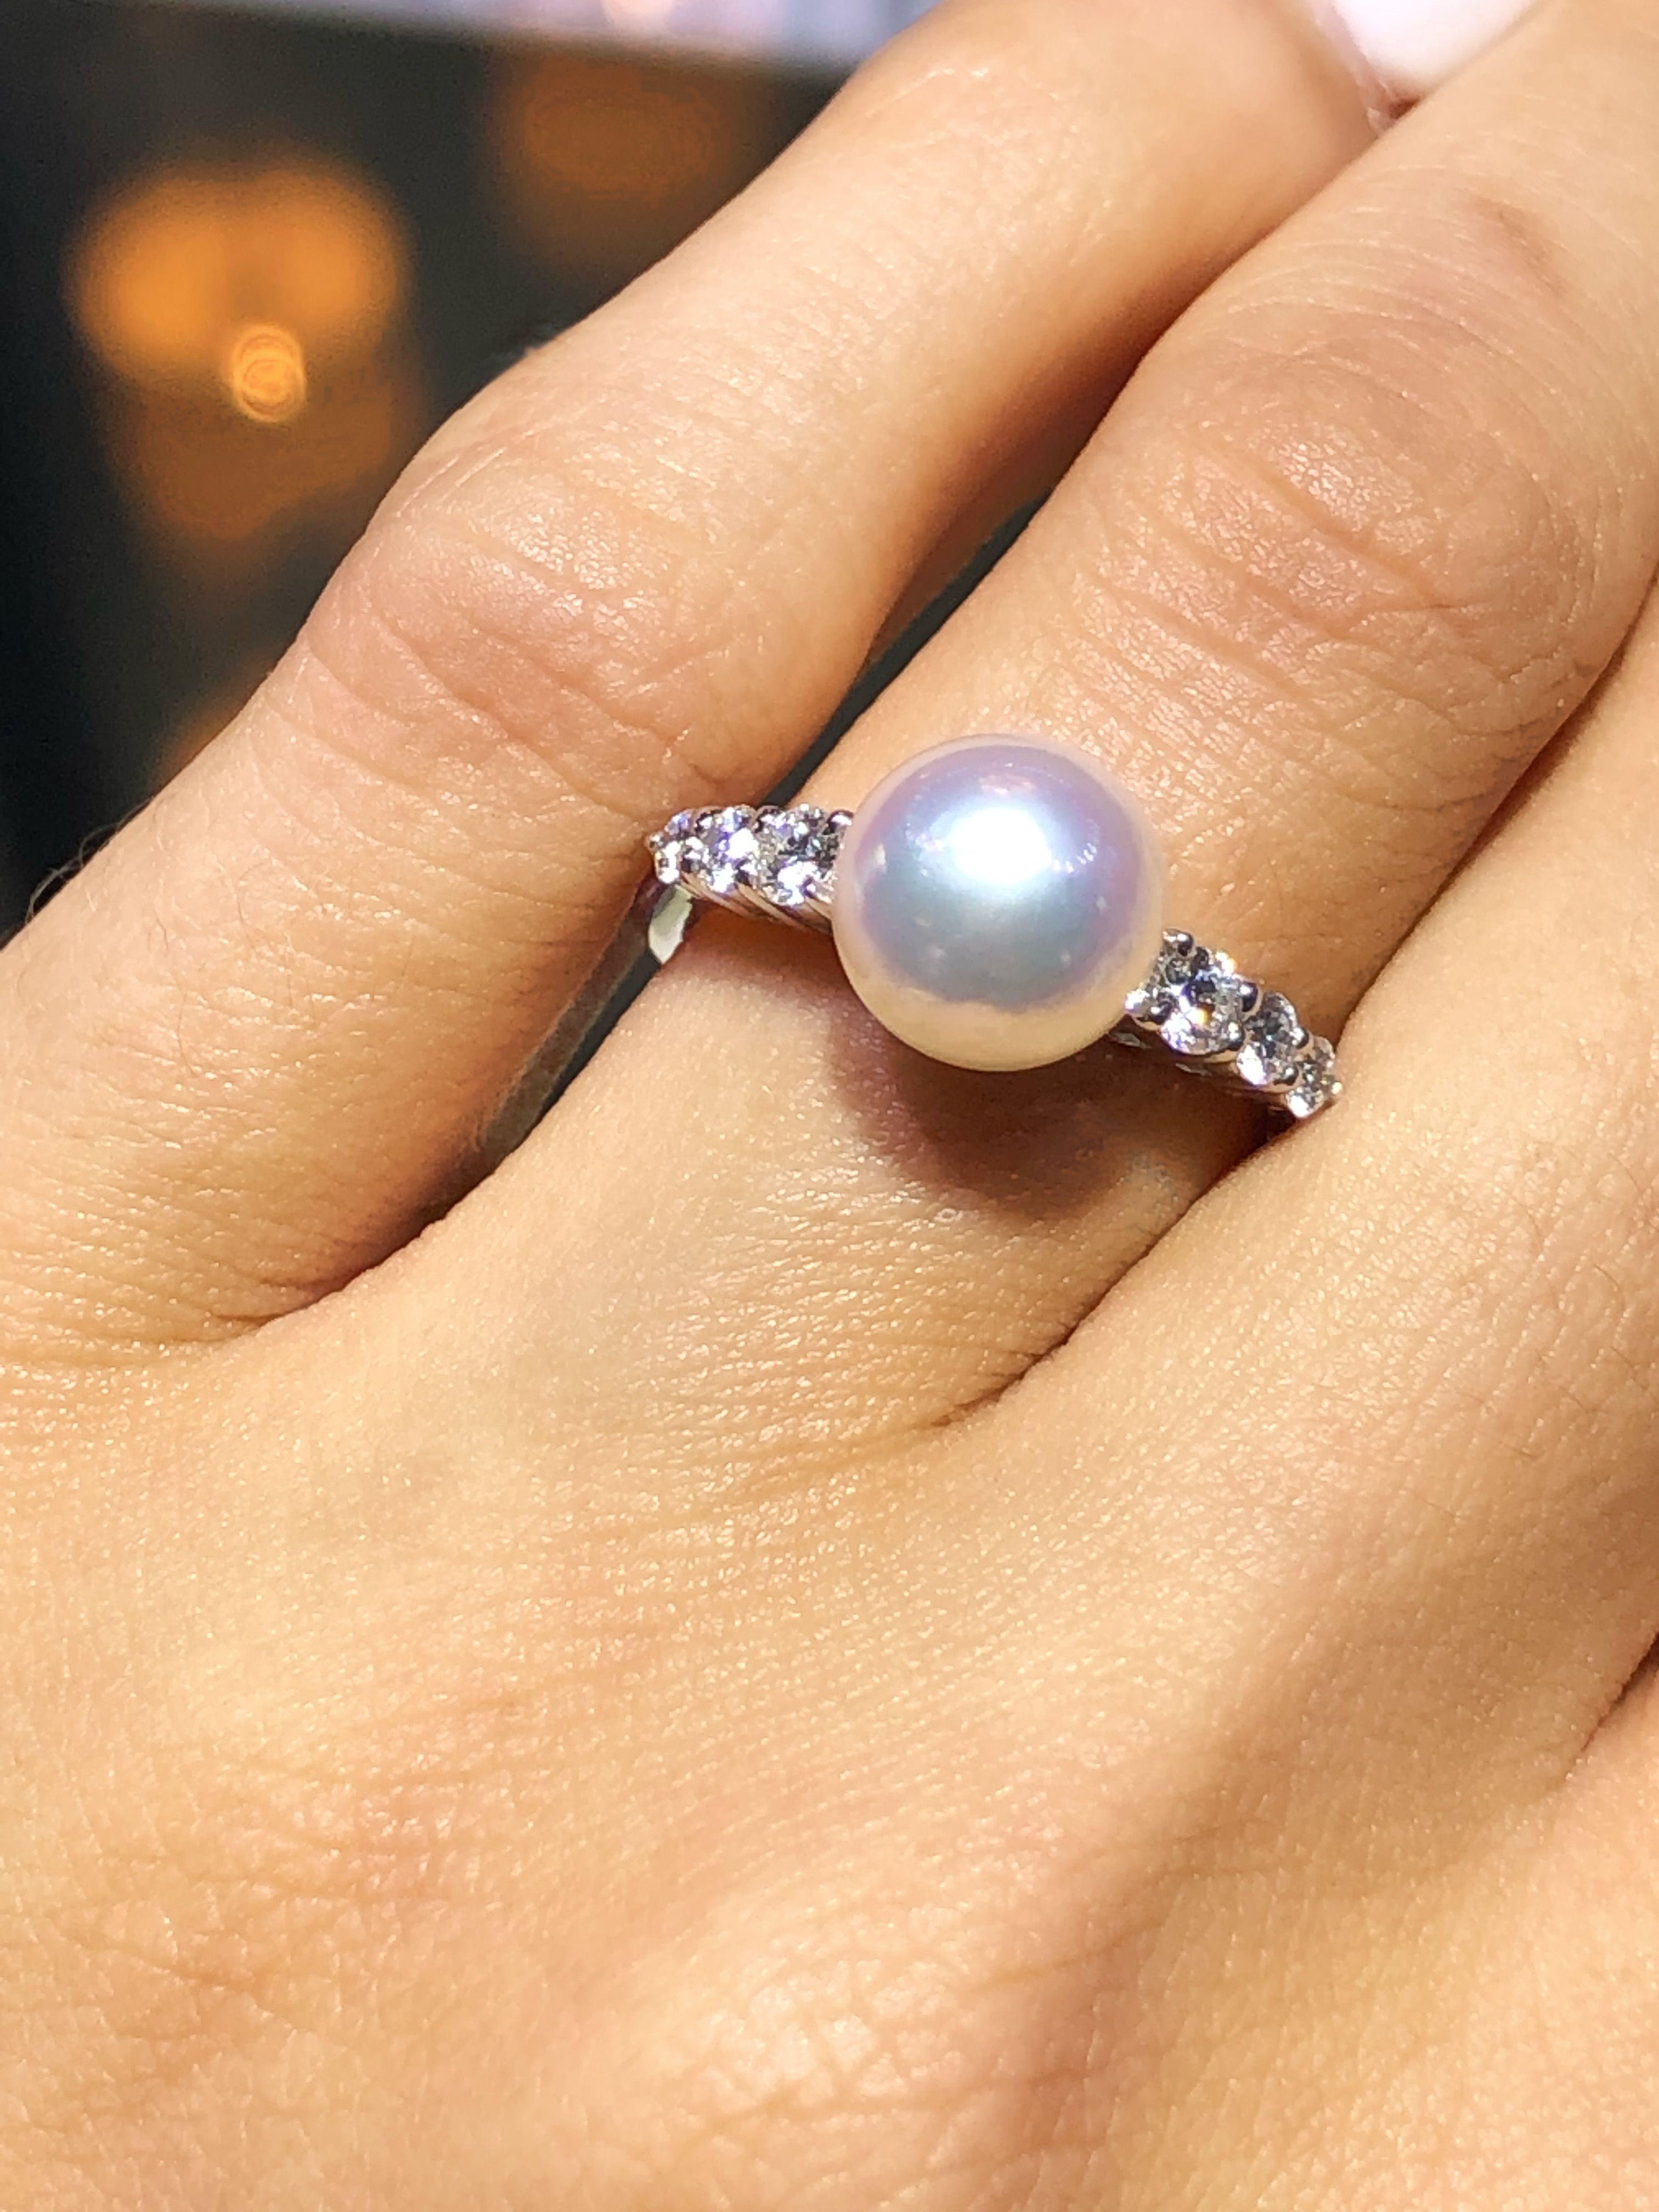 gyöngy gyűrűk a péniszhez